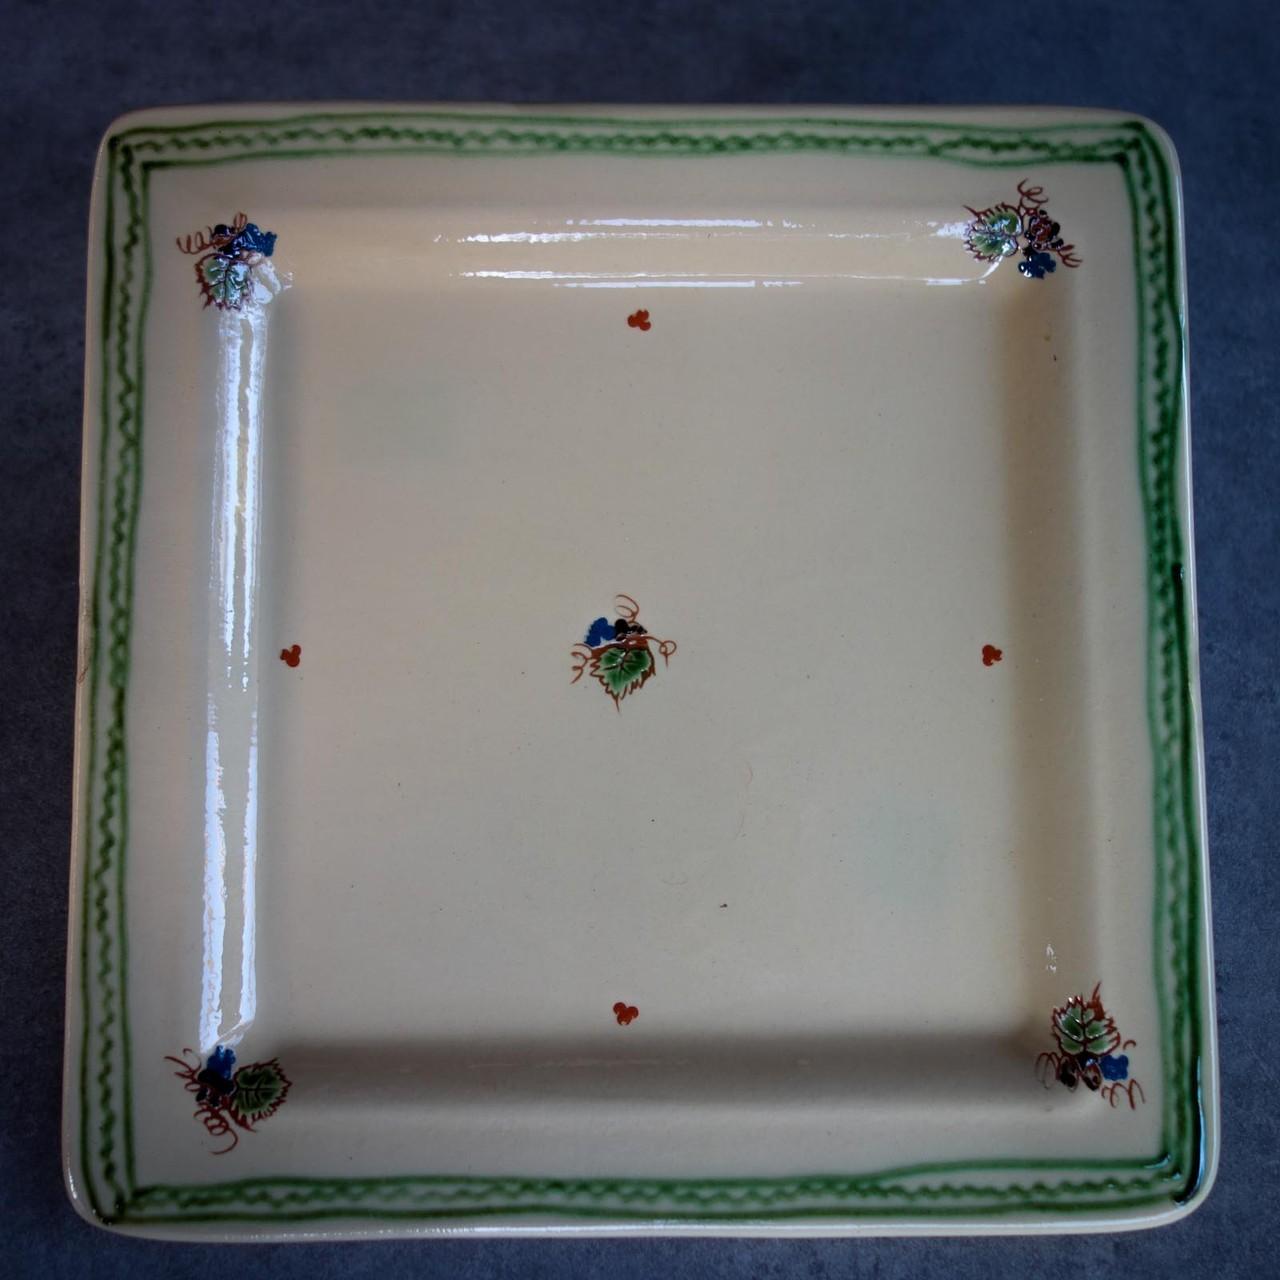 Les assiettes (plate gamme carré crème)